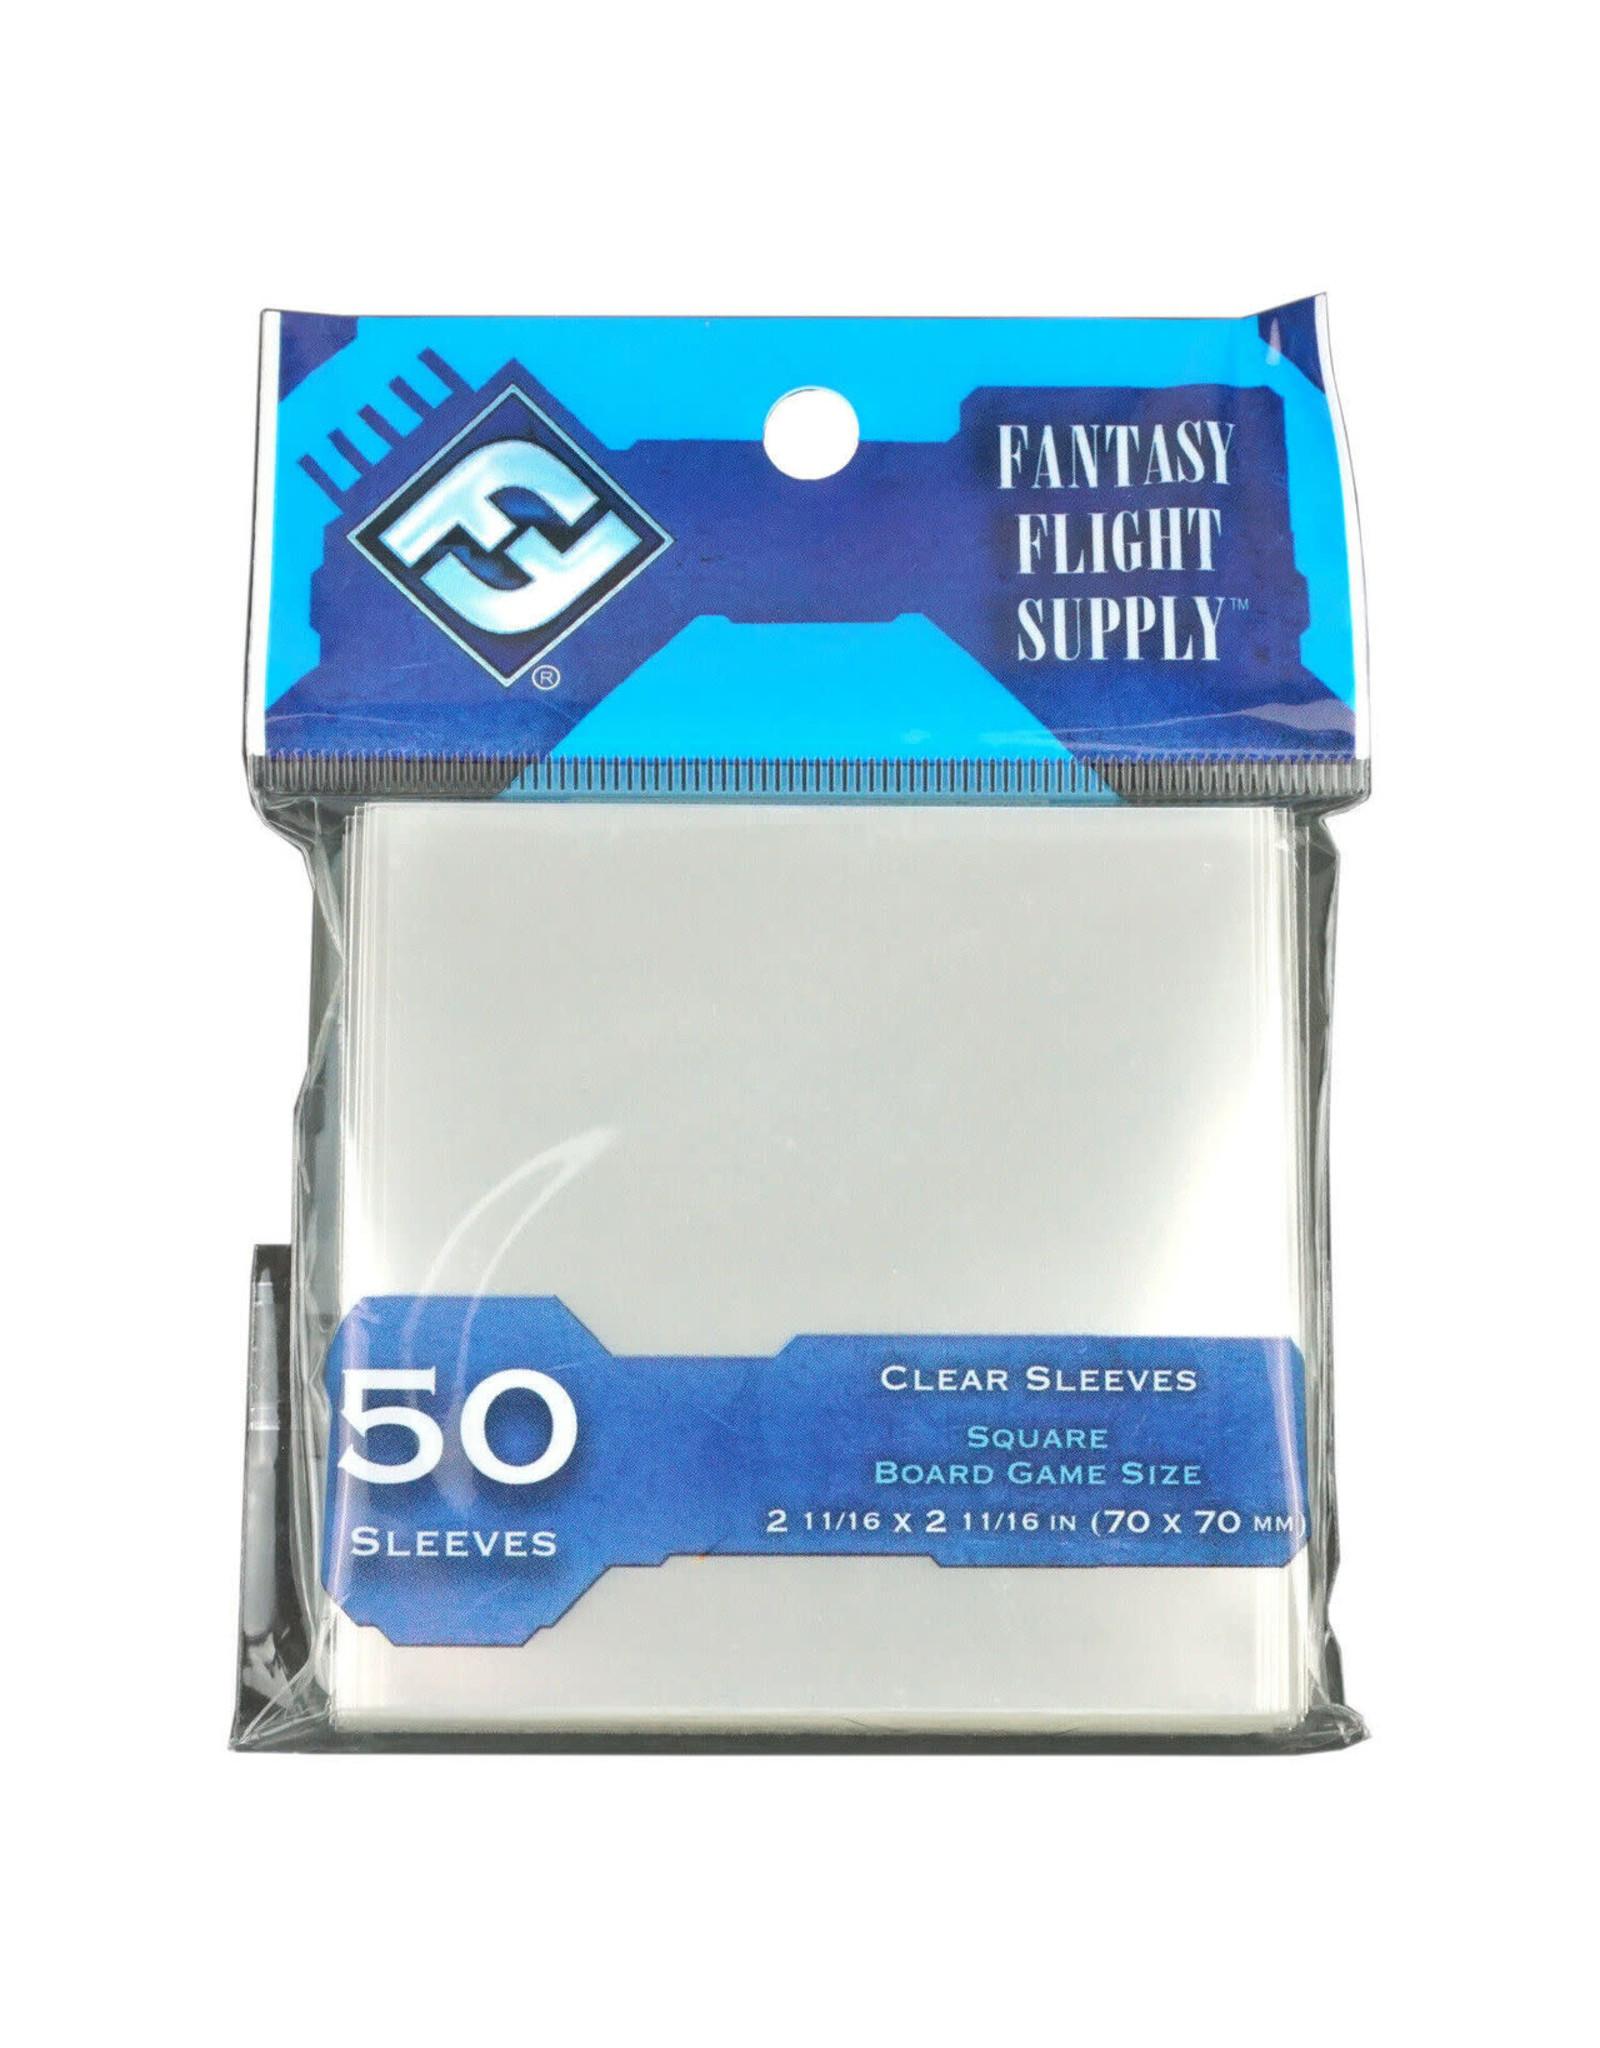 Fantasy Flight Fantasy Flight Board Game Sleeves